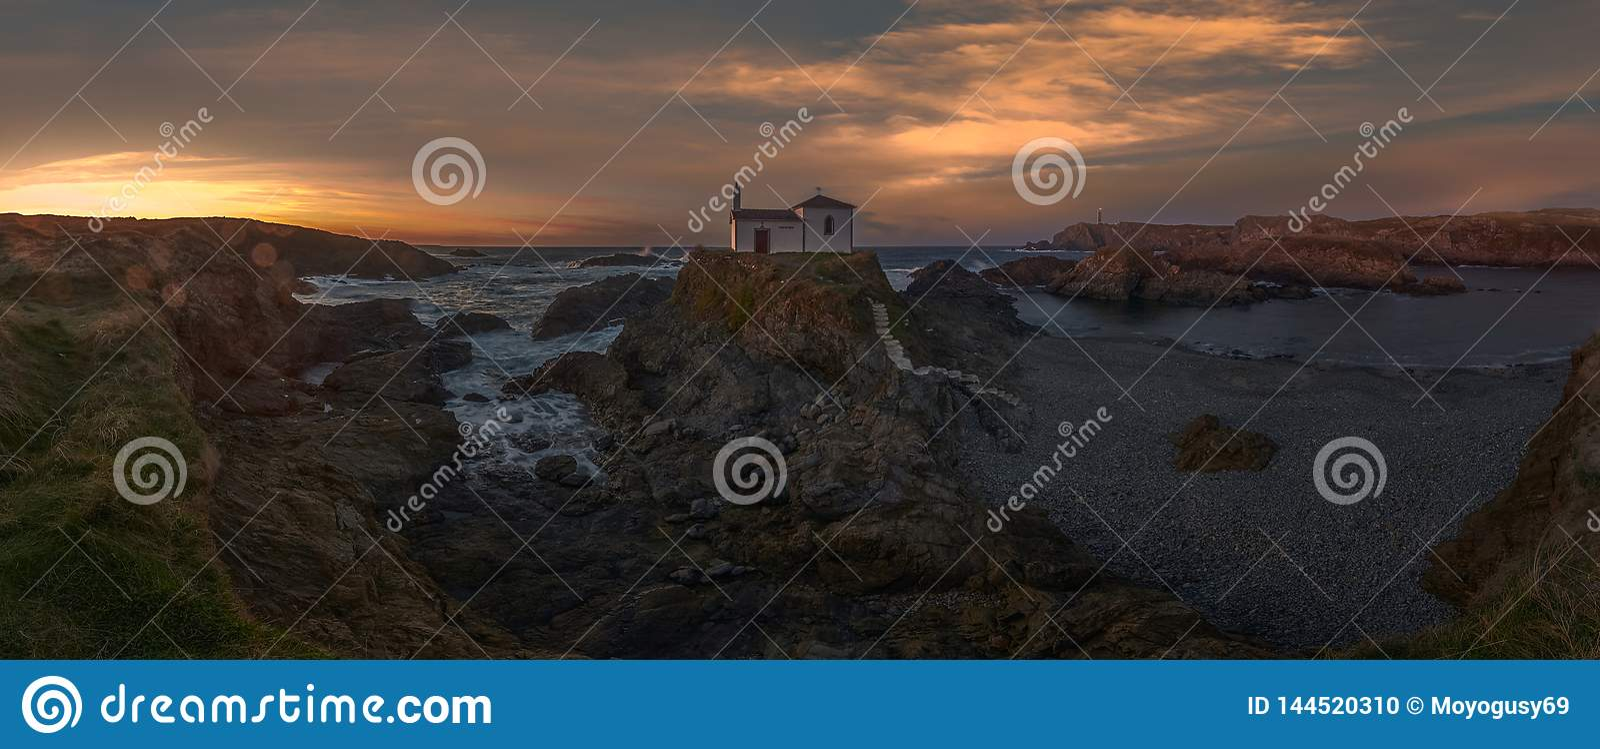 Panorama eremita w morzu